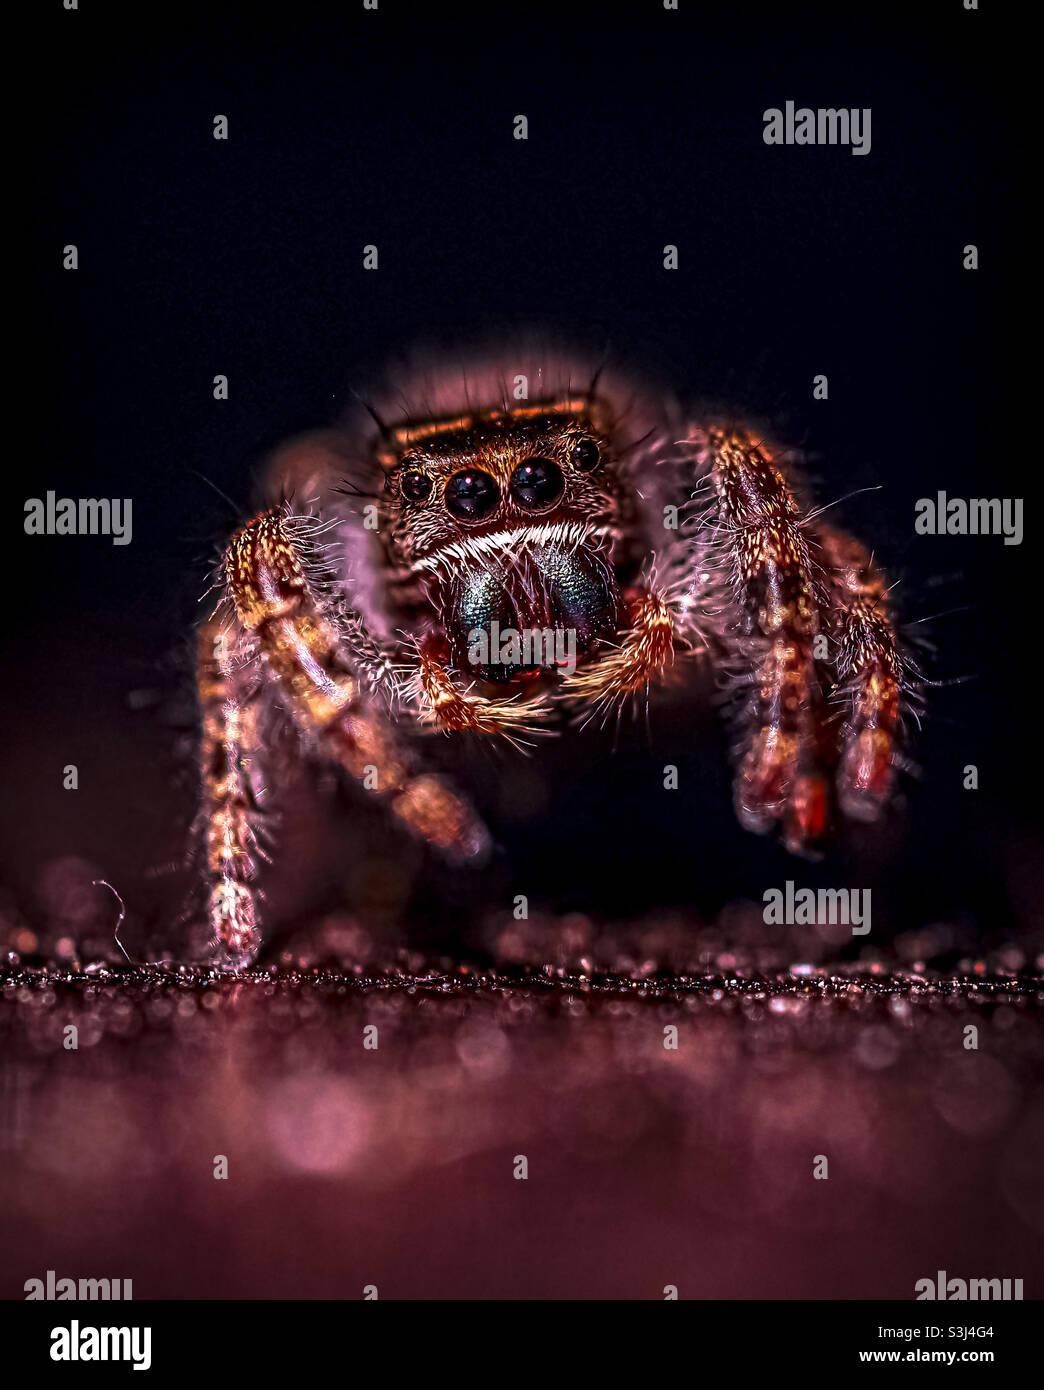 Gegen Mittag springende Spinne, nachdem sie in einer gewöhnlichen Fliege zu Abend gegessen hatte. Stockfoto